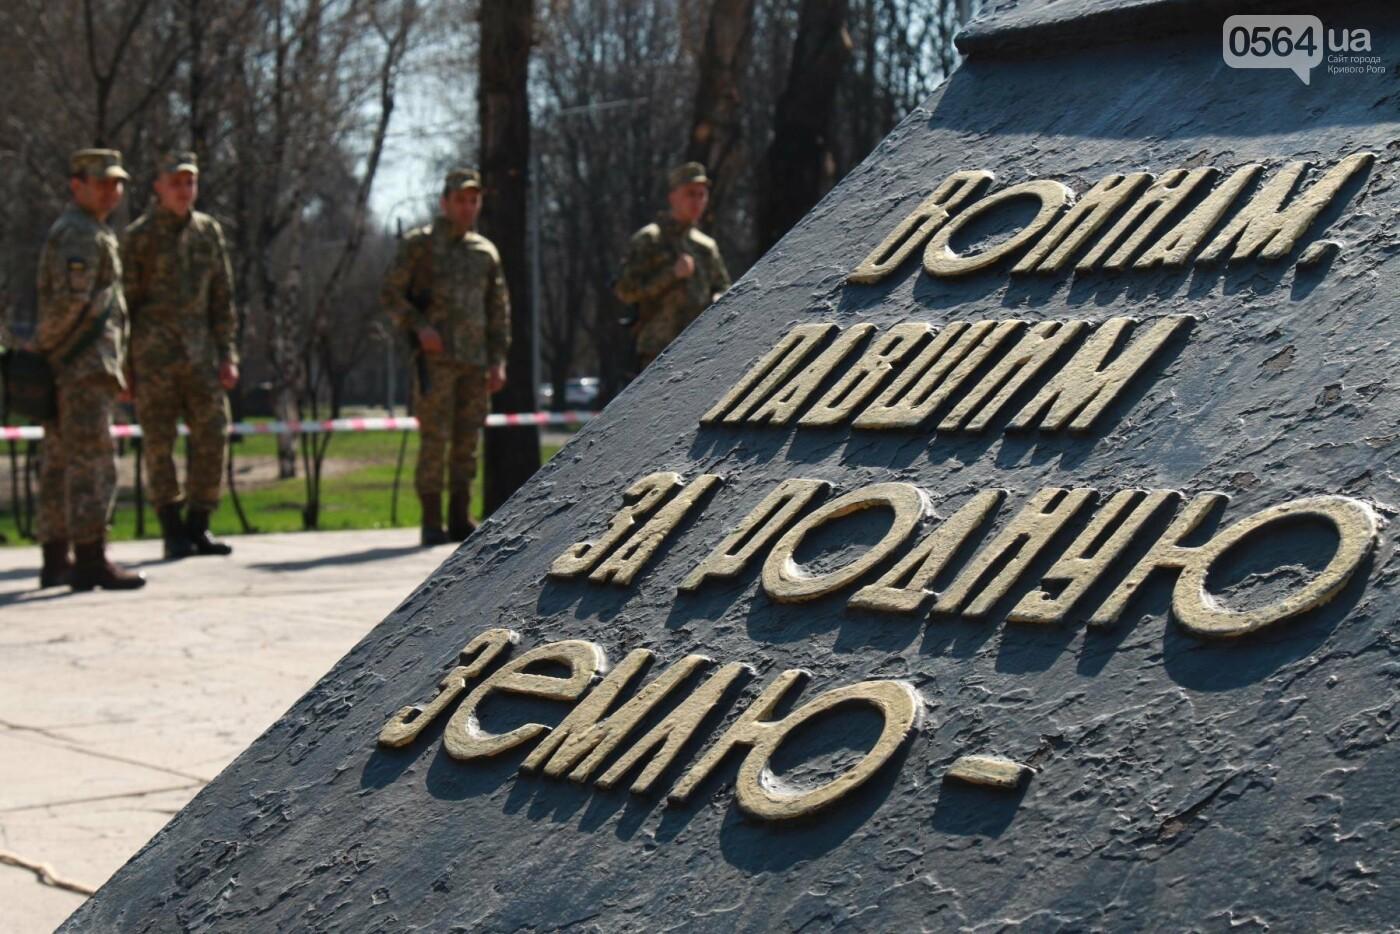 Константин Усов дал старт реконструкции мемориала Славы на братской могиле в Кривом Роге, фото-1